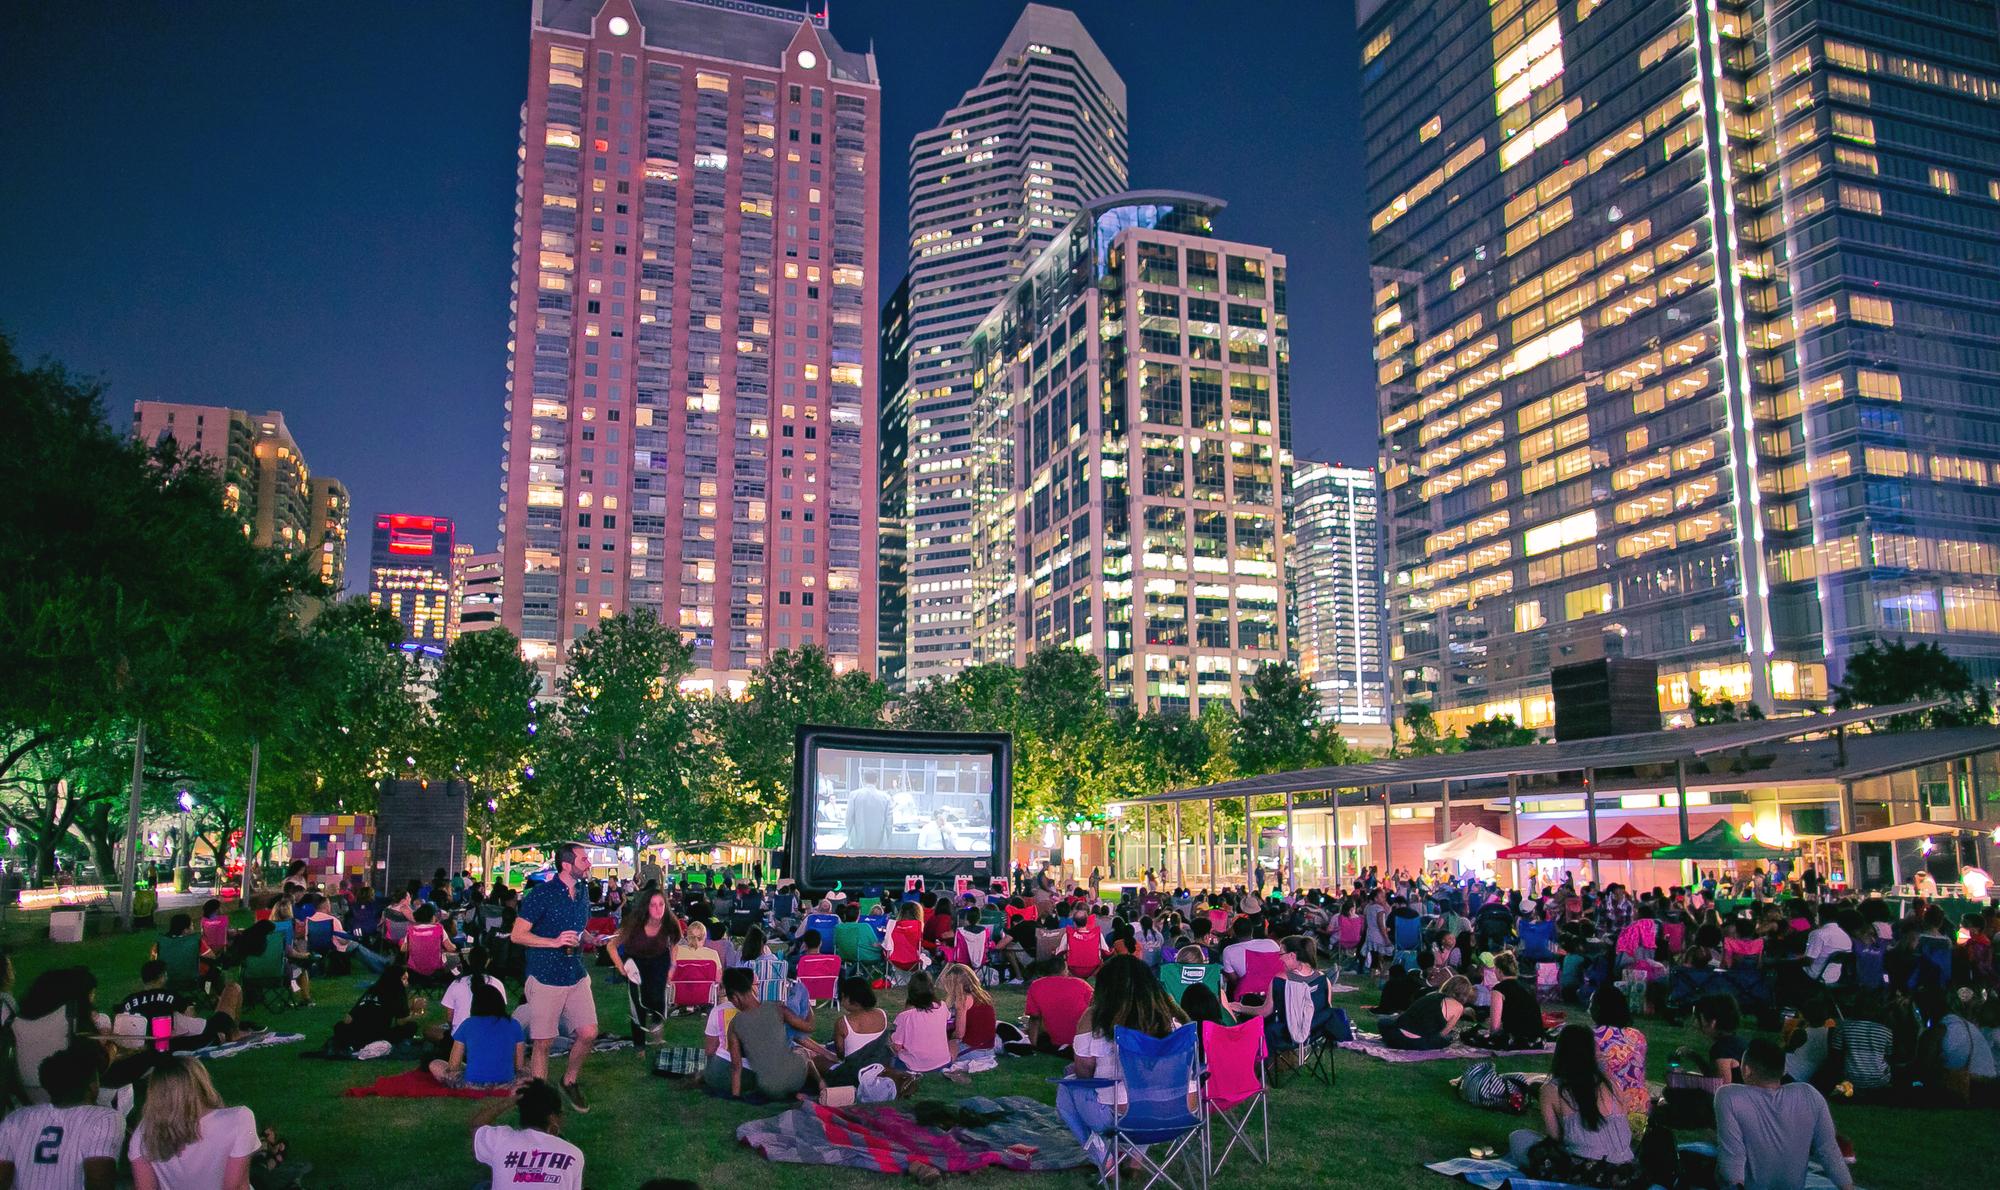 Urban Public Spaces cover image